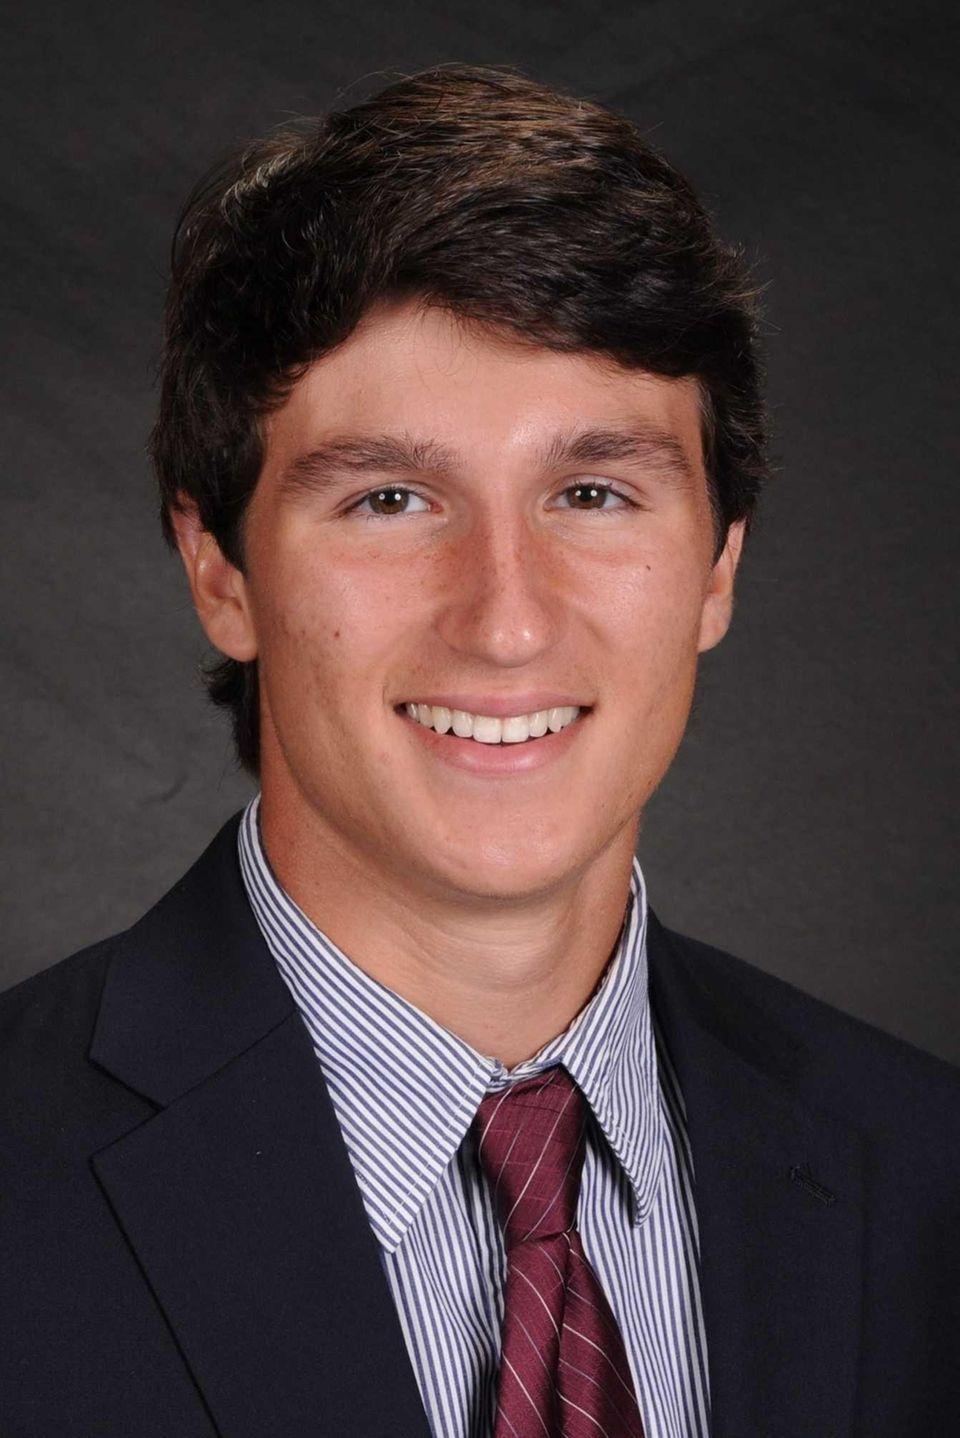 Christopher Koester, 17, a senior at Garden City